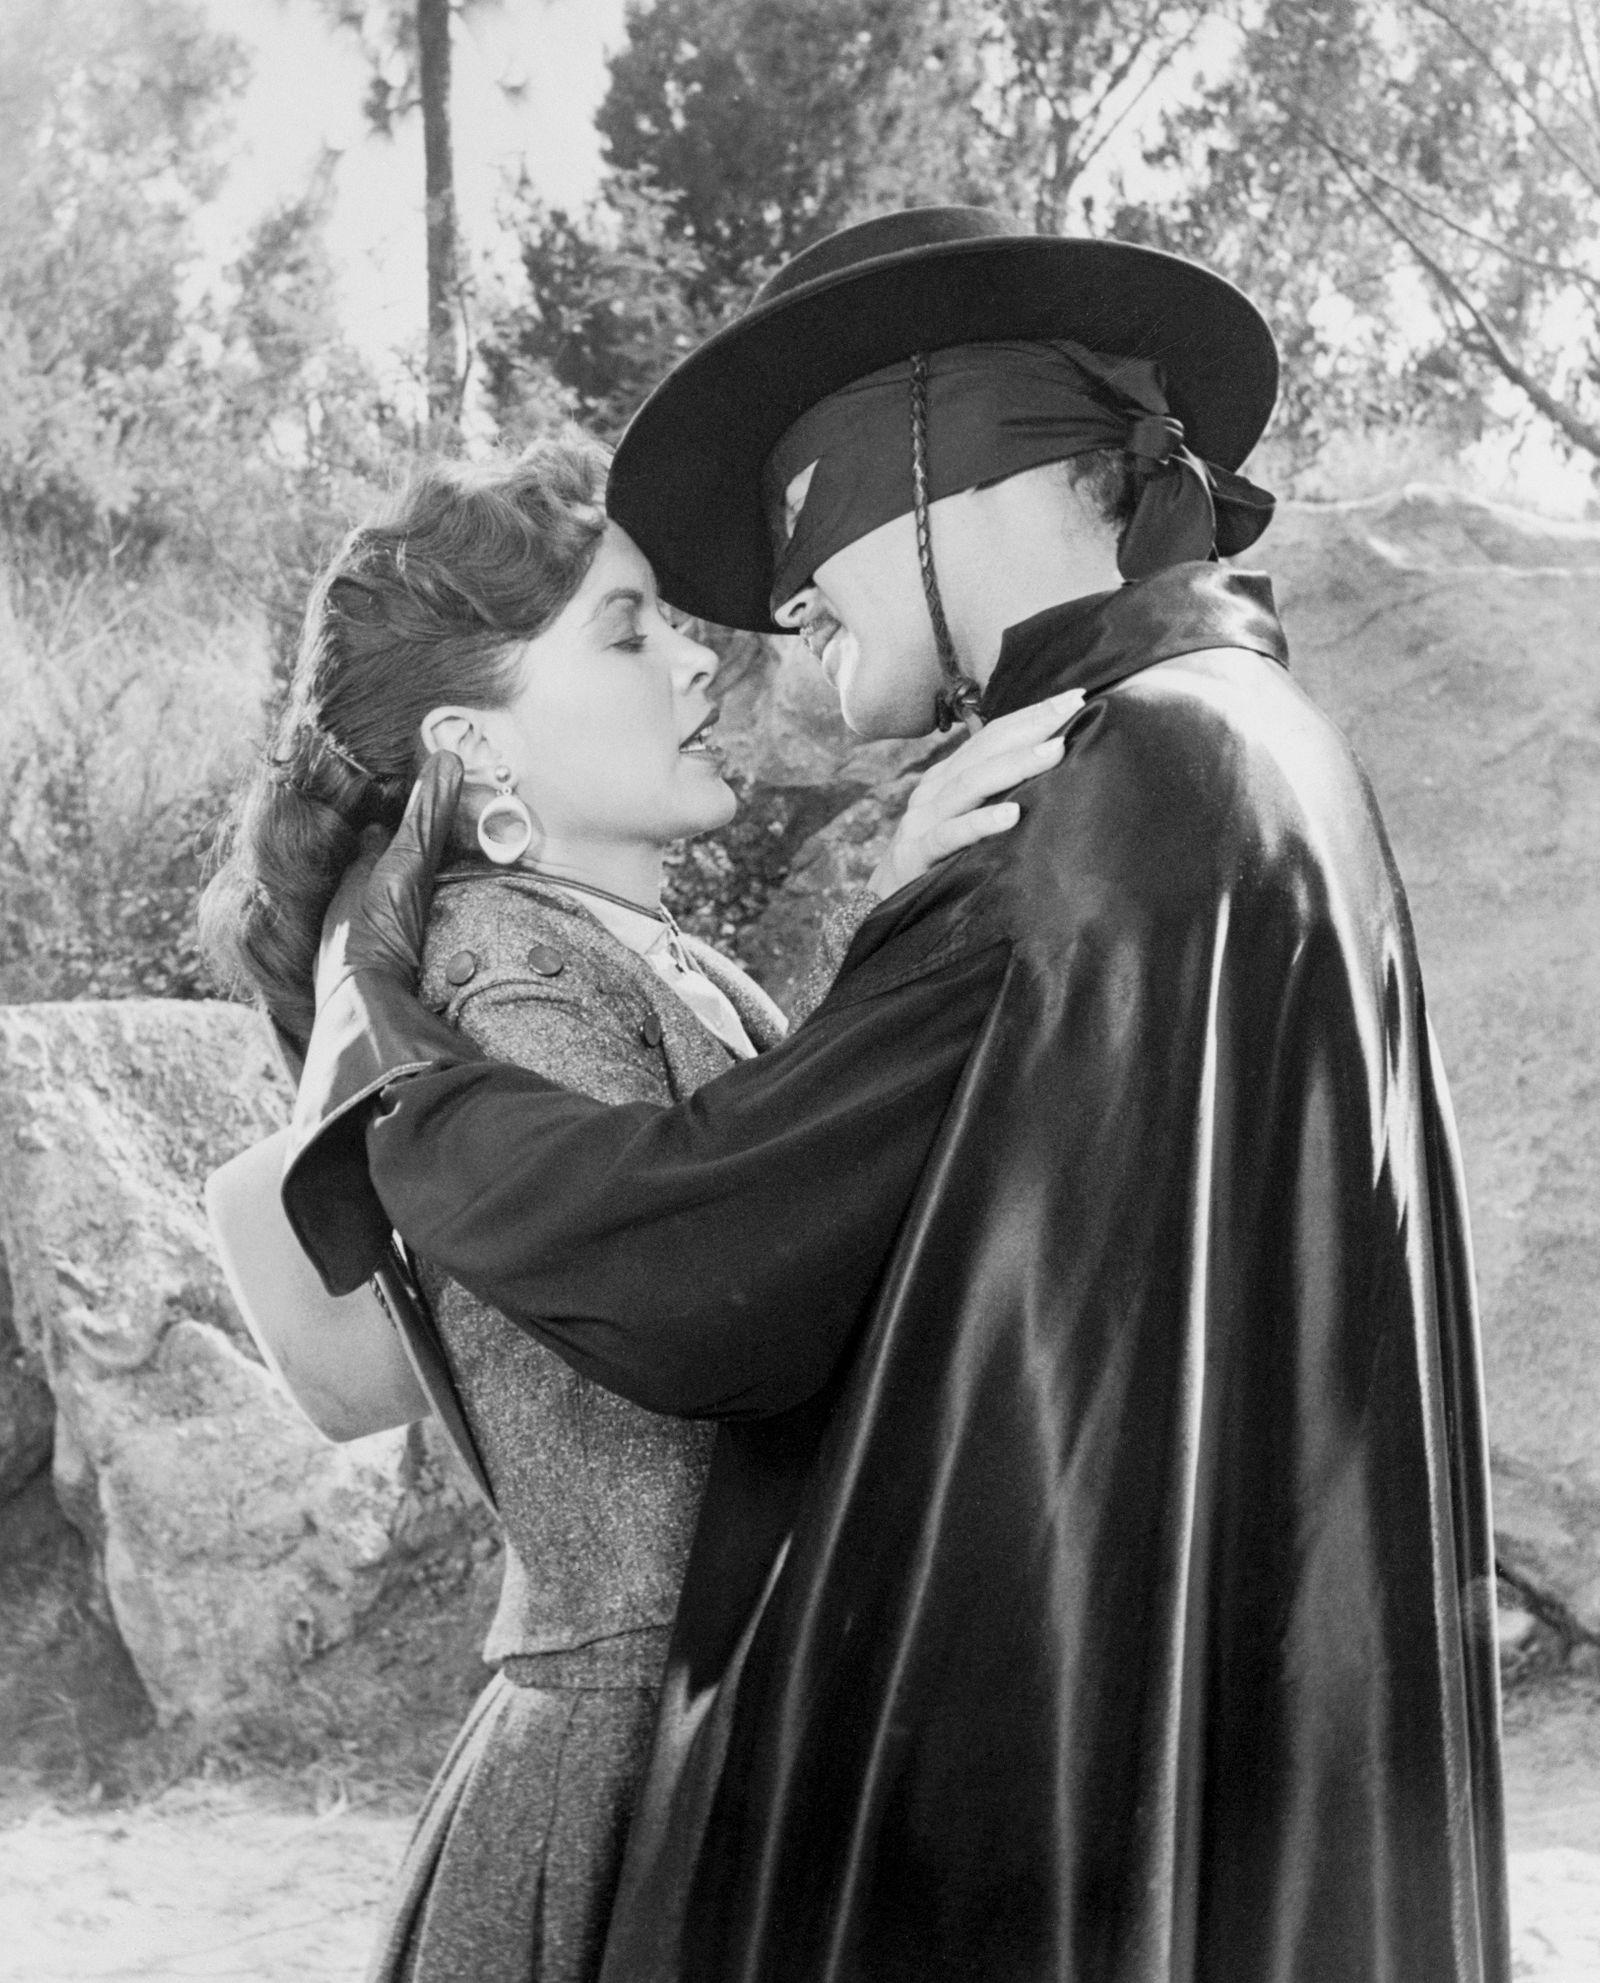 NICHT MEHR VERWENDEN! - Zorro / Kuss